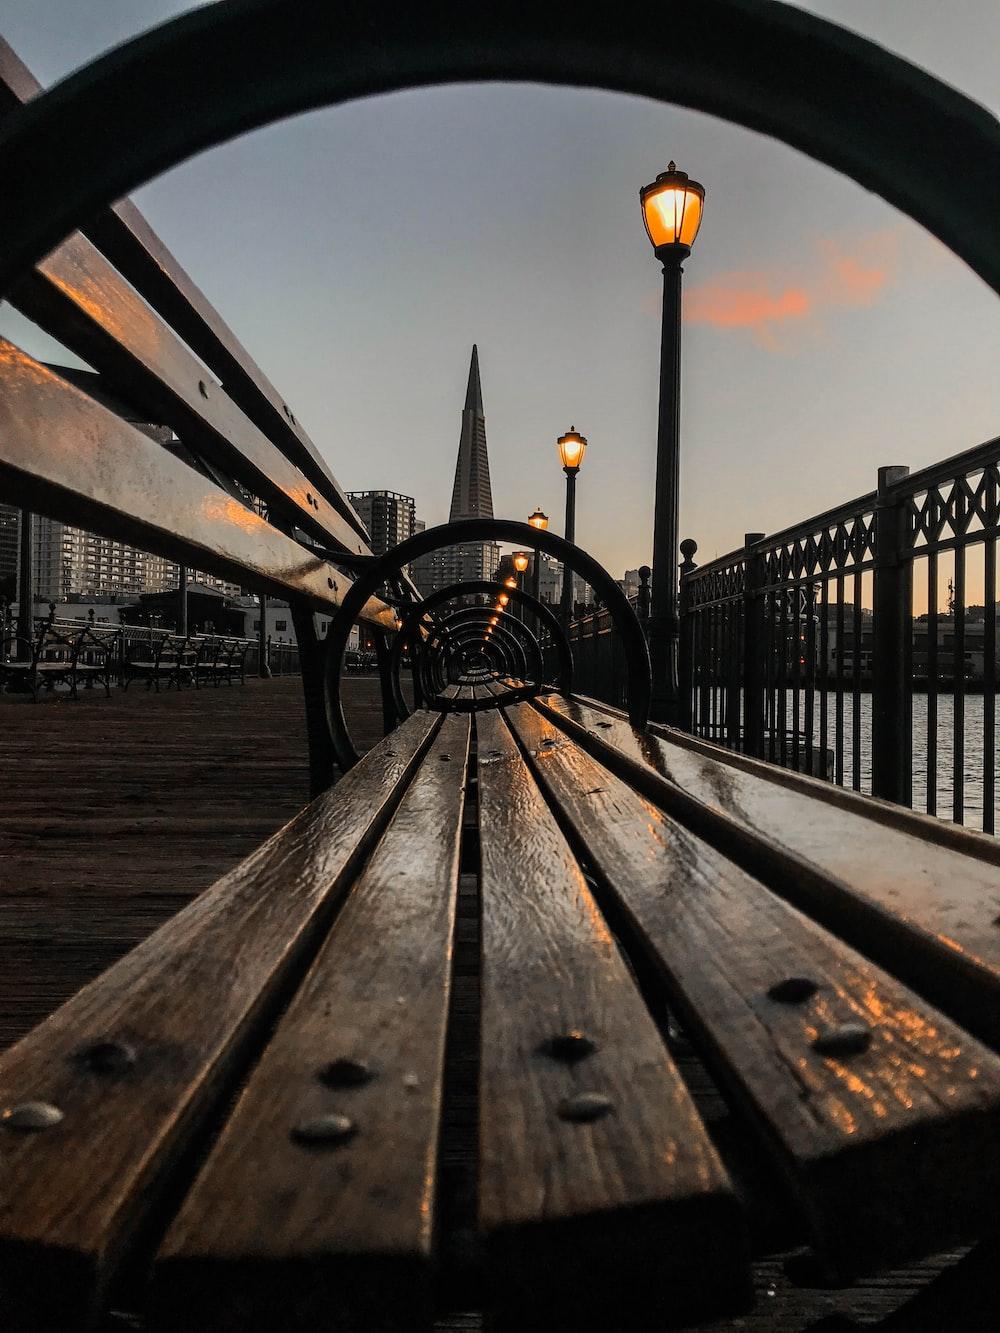 brown wooden bench near black metal railings during daytime